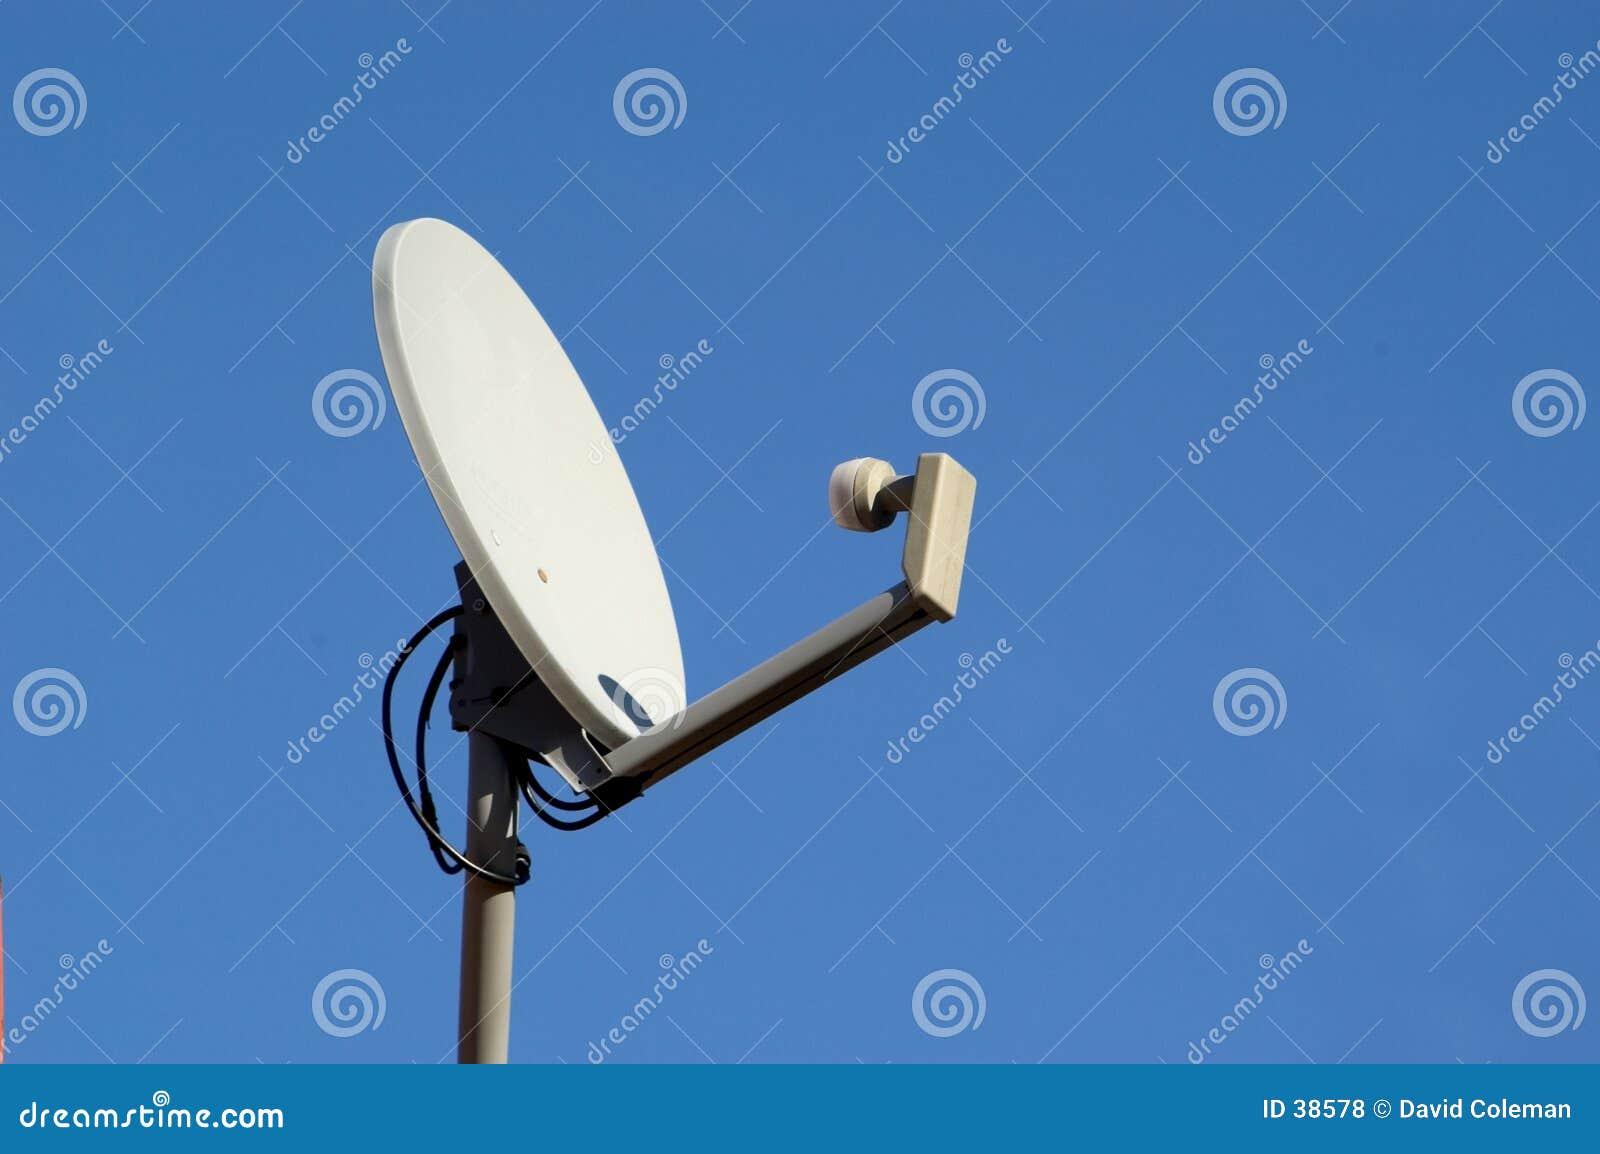 Download Satellitenschüssel stockfoto. Bild von kommunikation, elektronik - 38578